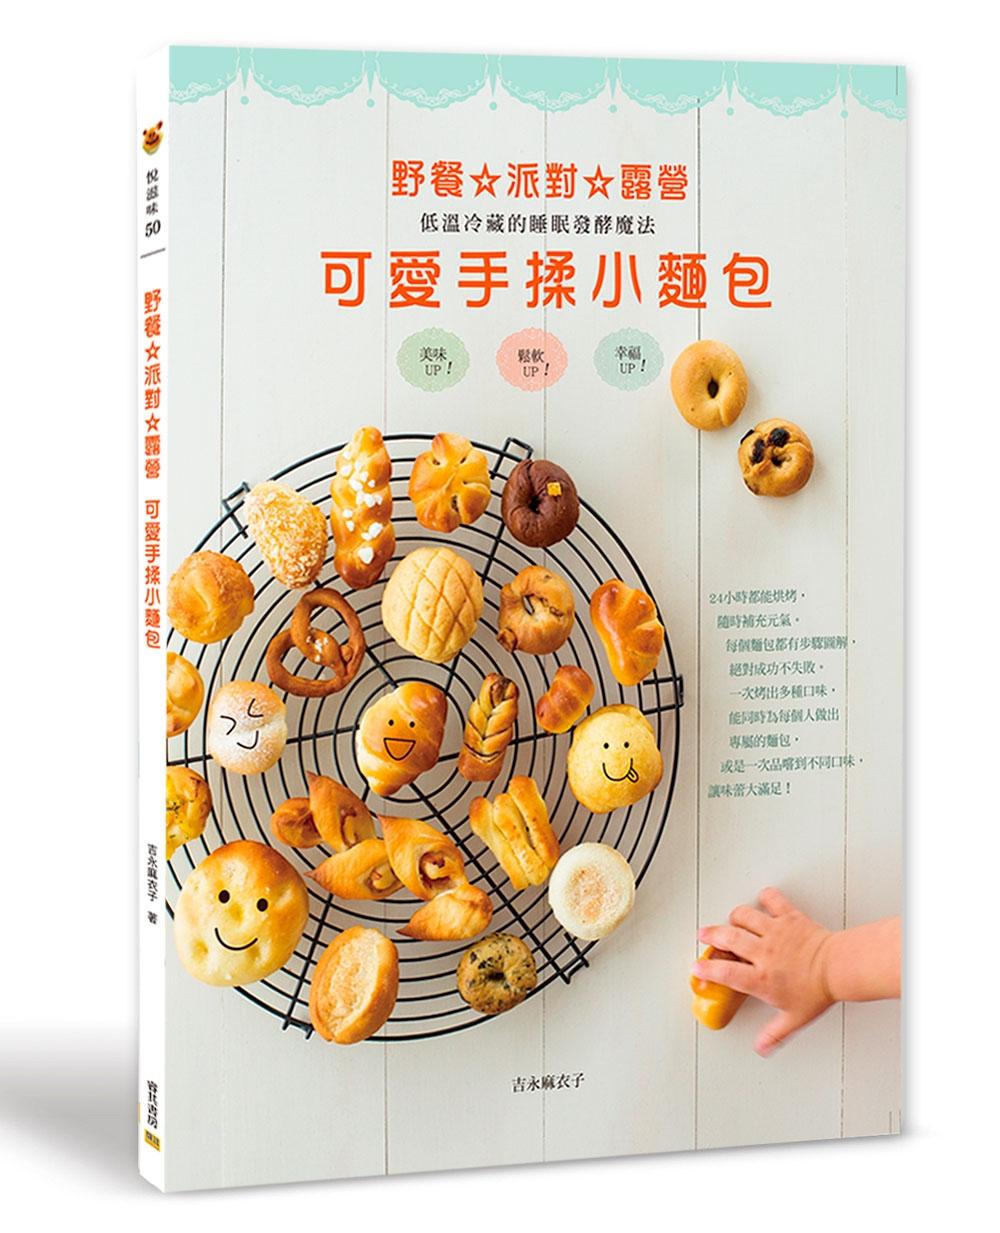 可愛手揉小麵包:低溫冷藏的睡眠發酵魔法